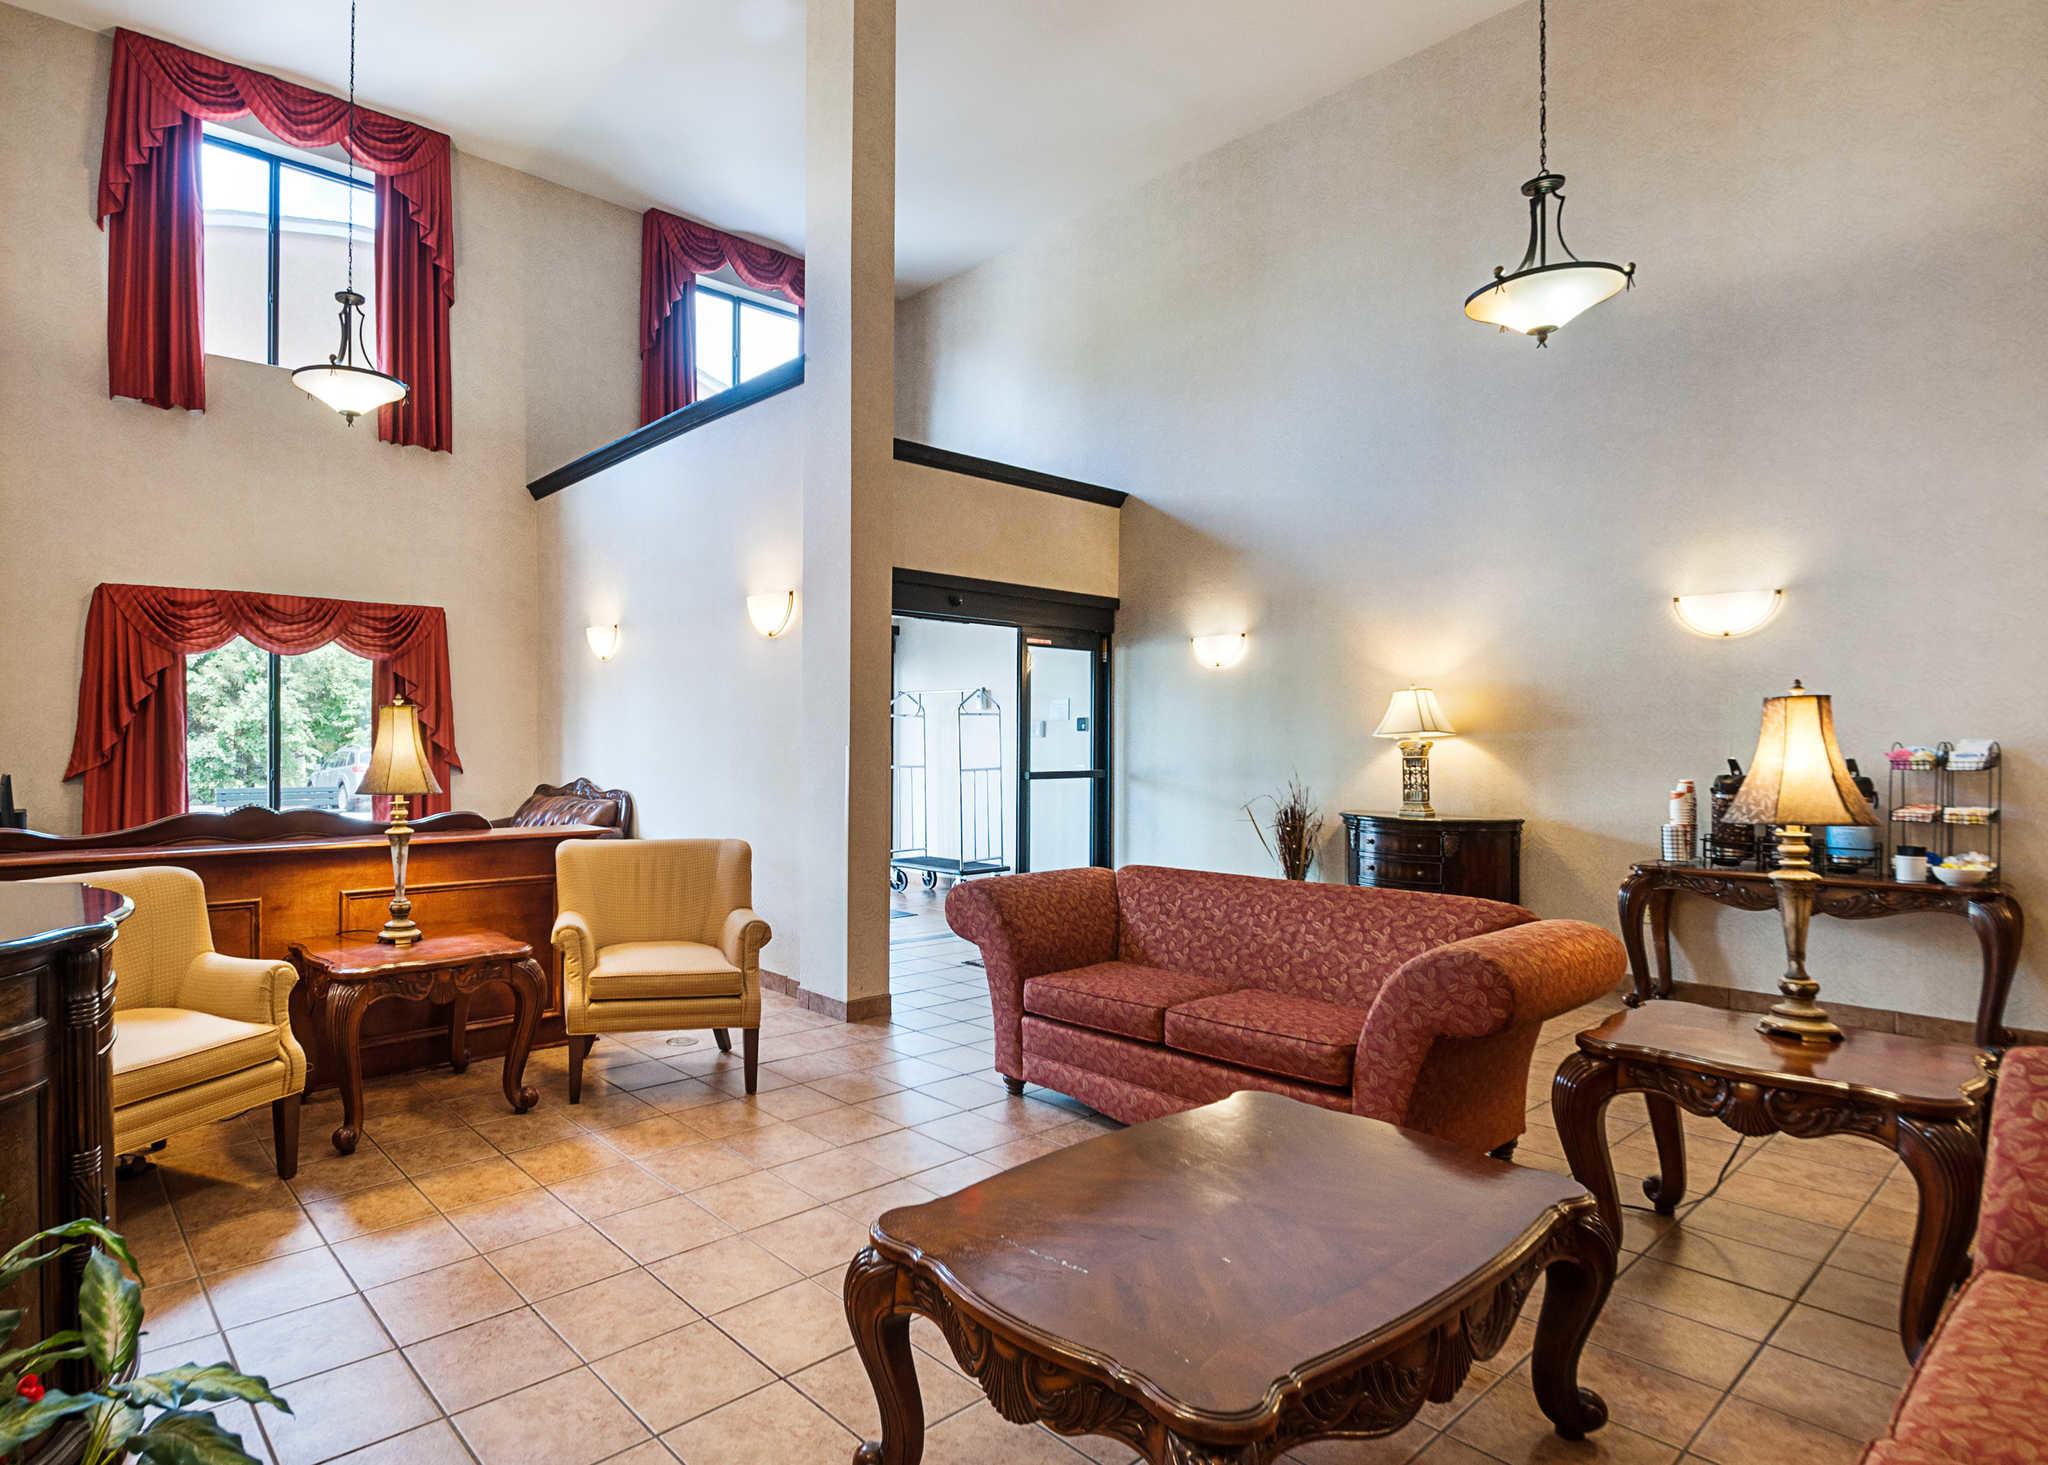 Comfort Inn & Suites Cambridge image 5